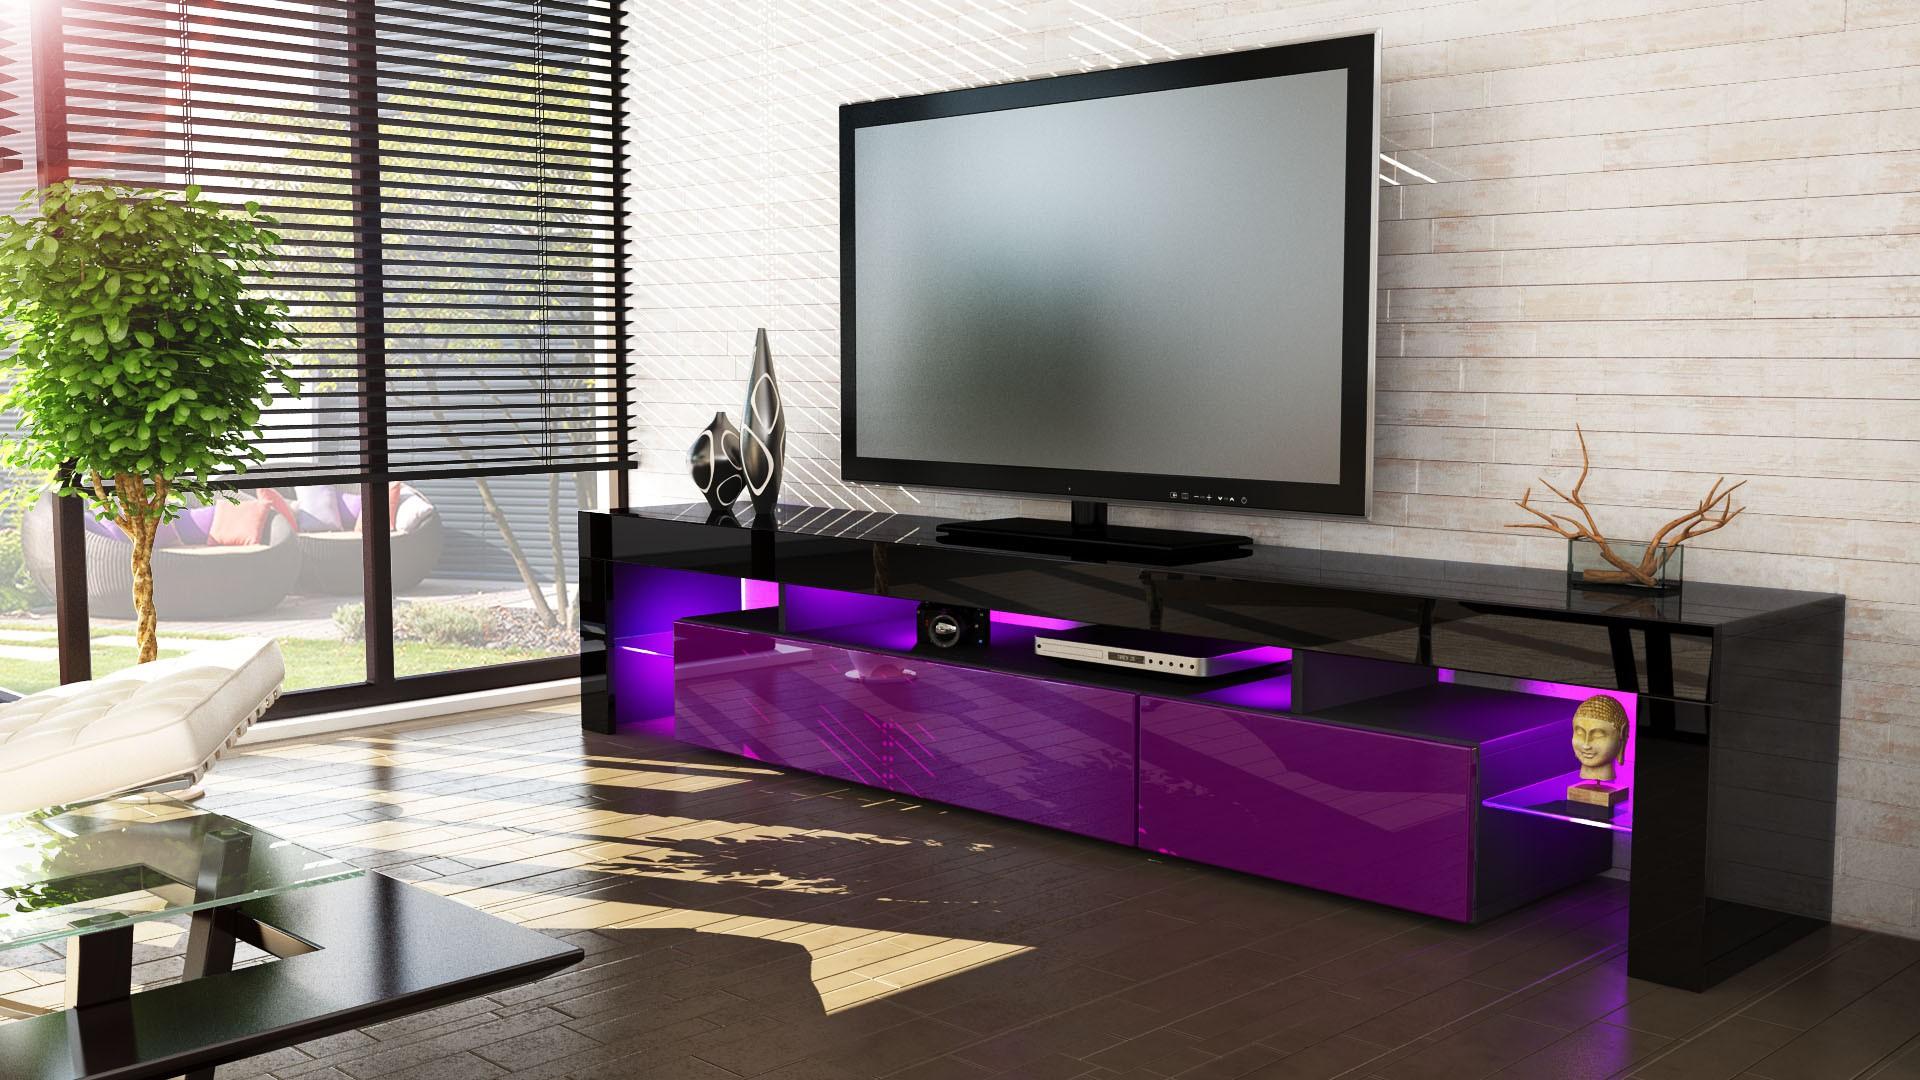 Meuble Tv Noir Et Violet 189 Cm Sans Led Pour Meubles Tv Design A 3  # Meuble Tv Avec Led Pas Cher